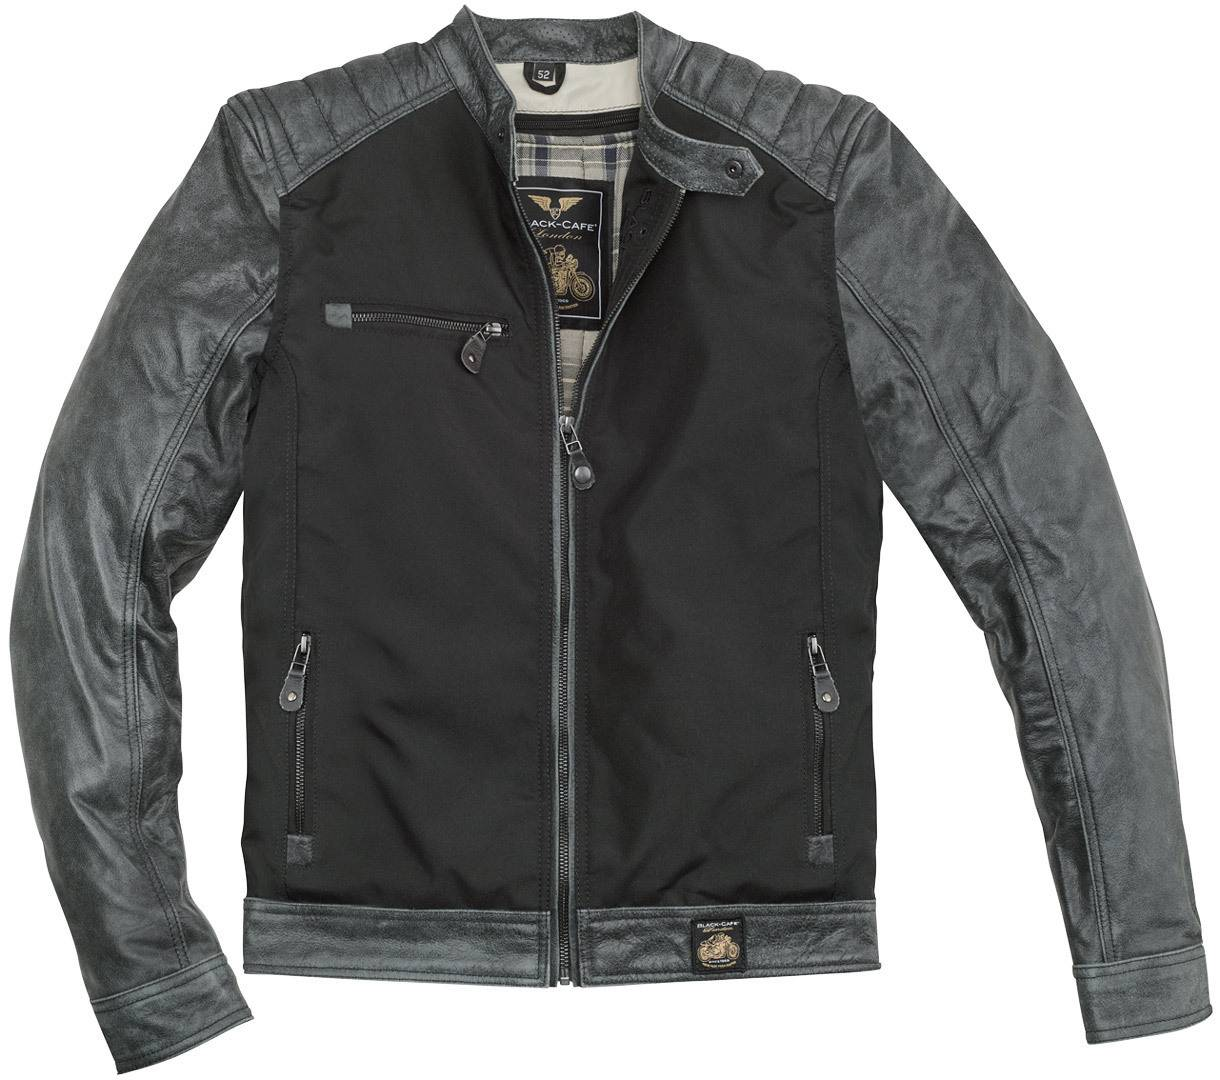 Black-Cafe London Johannesburg Cuir de moto / Veste textile Noir Gris taille : 54